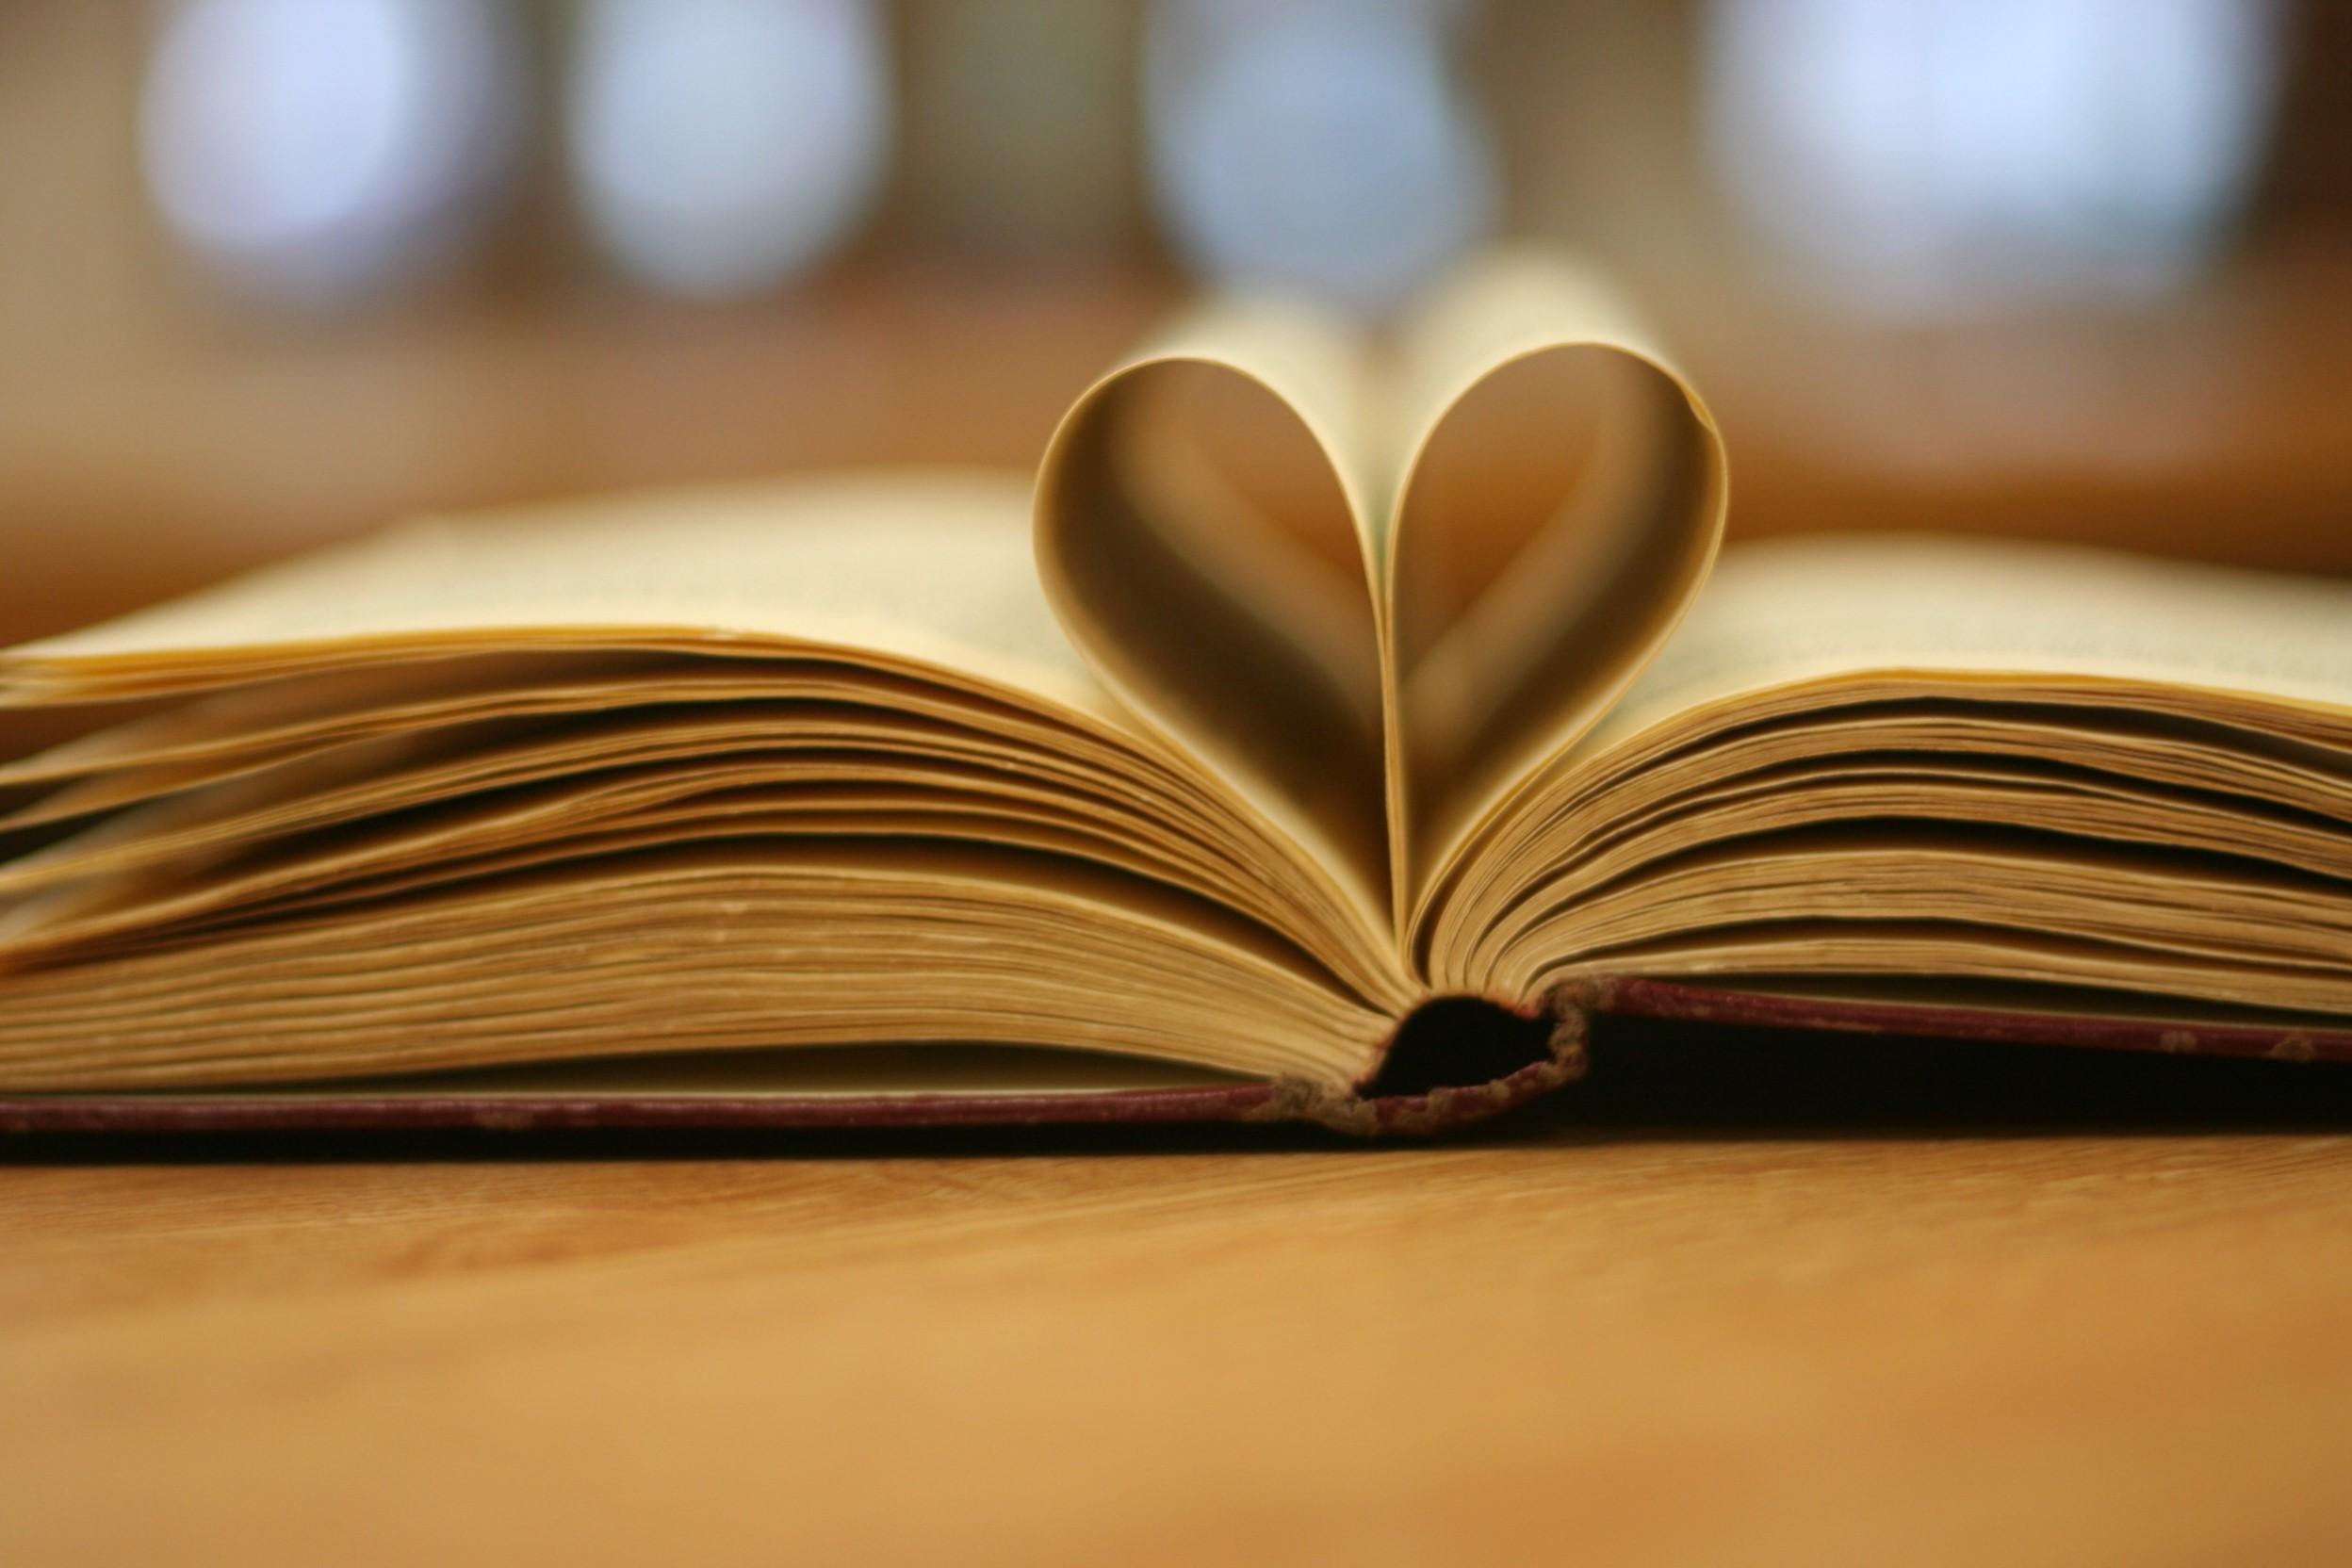 Choisissez un livre populaire pour votre adolescente.